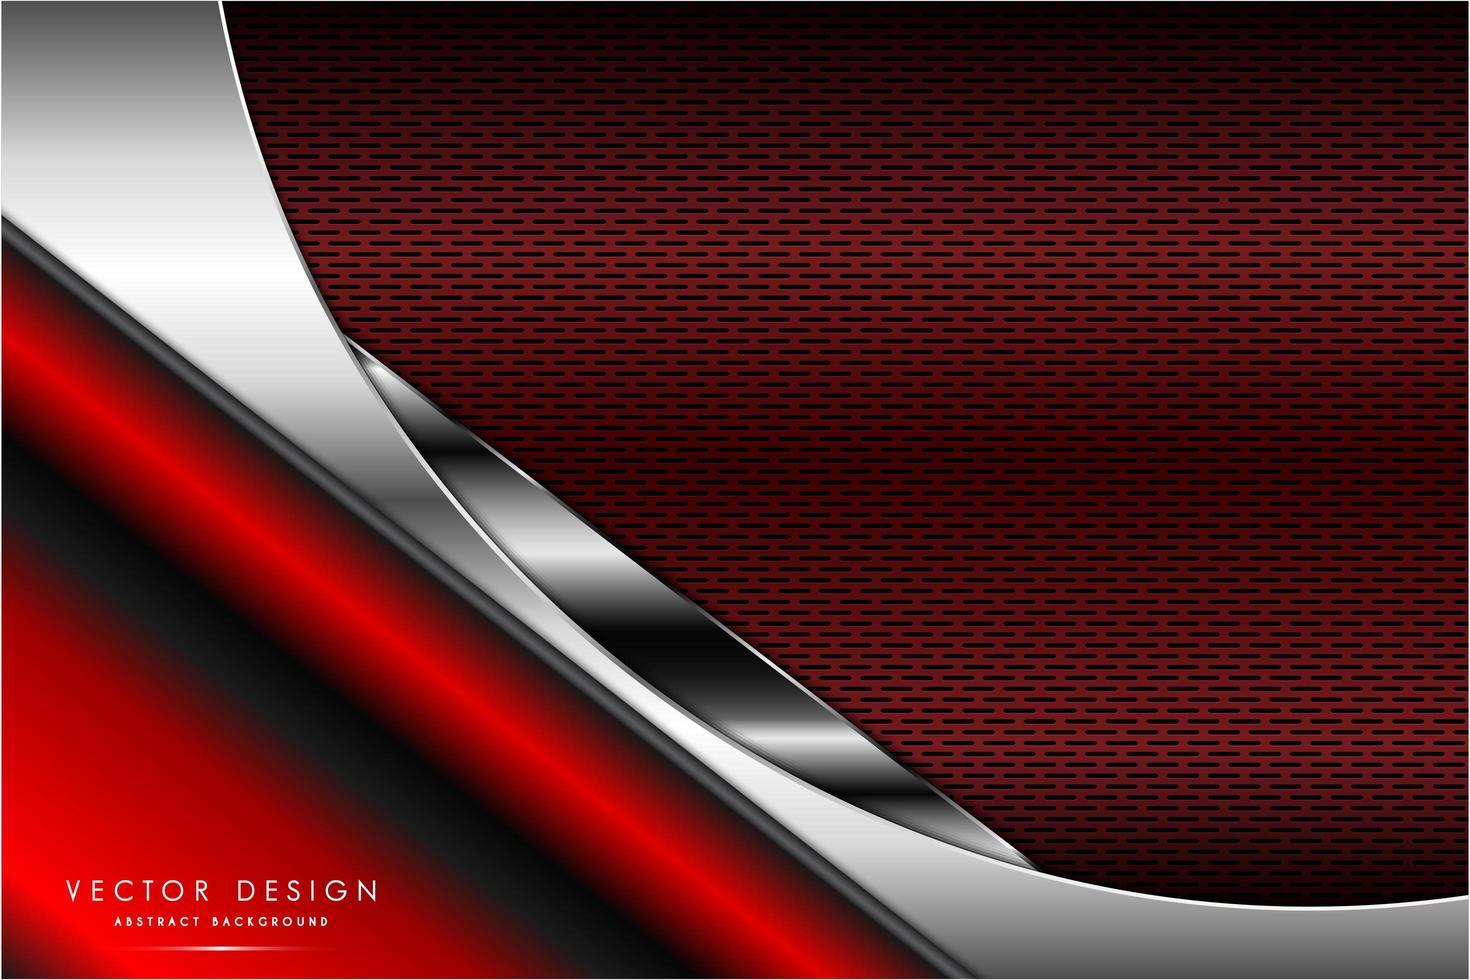 Metallic Rot und Silber Design mit Kohlefaser Textur vektor